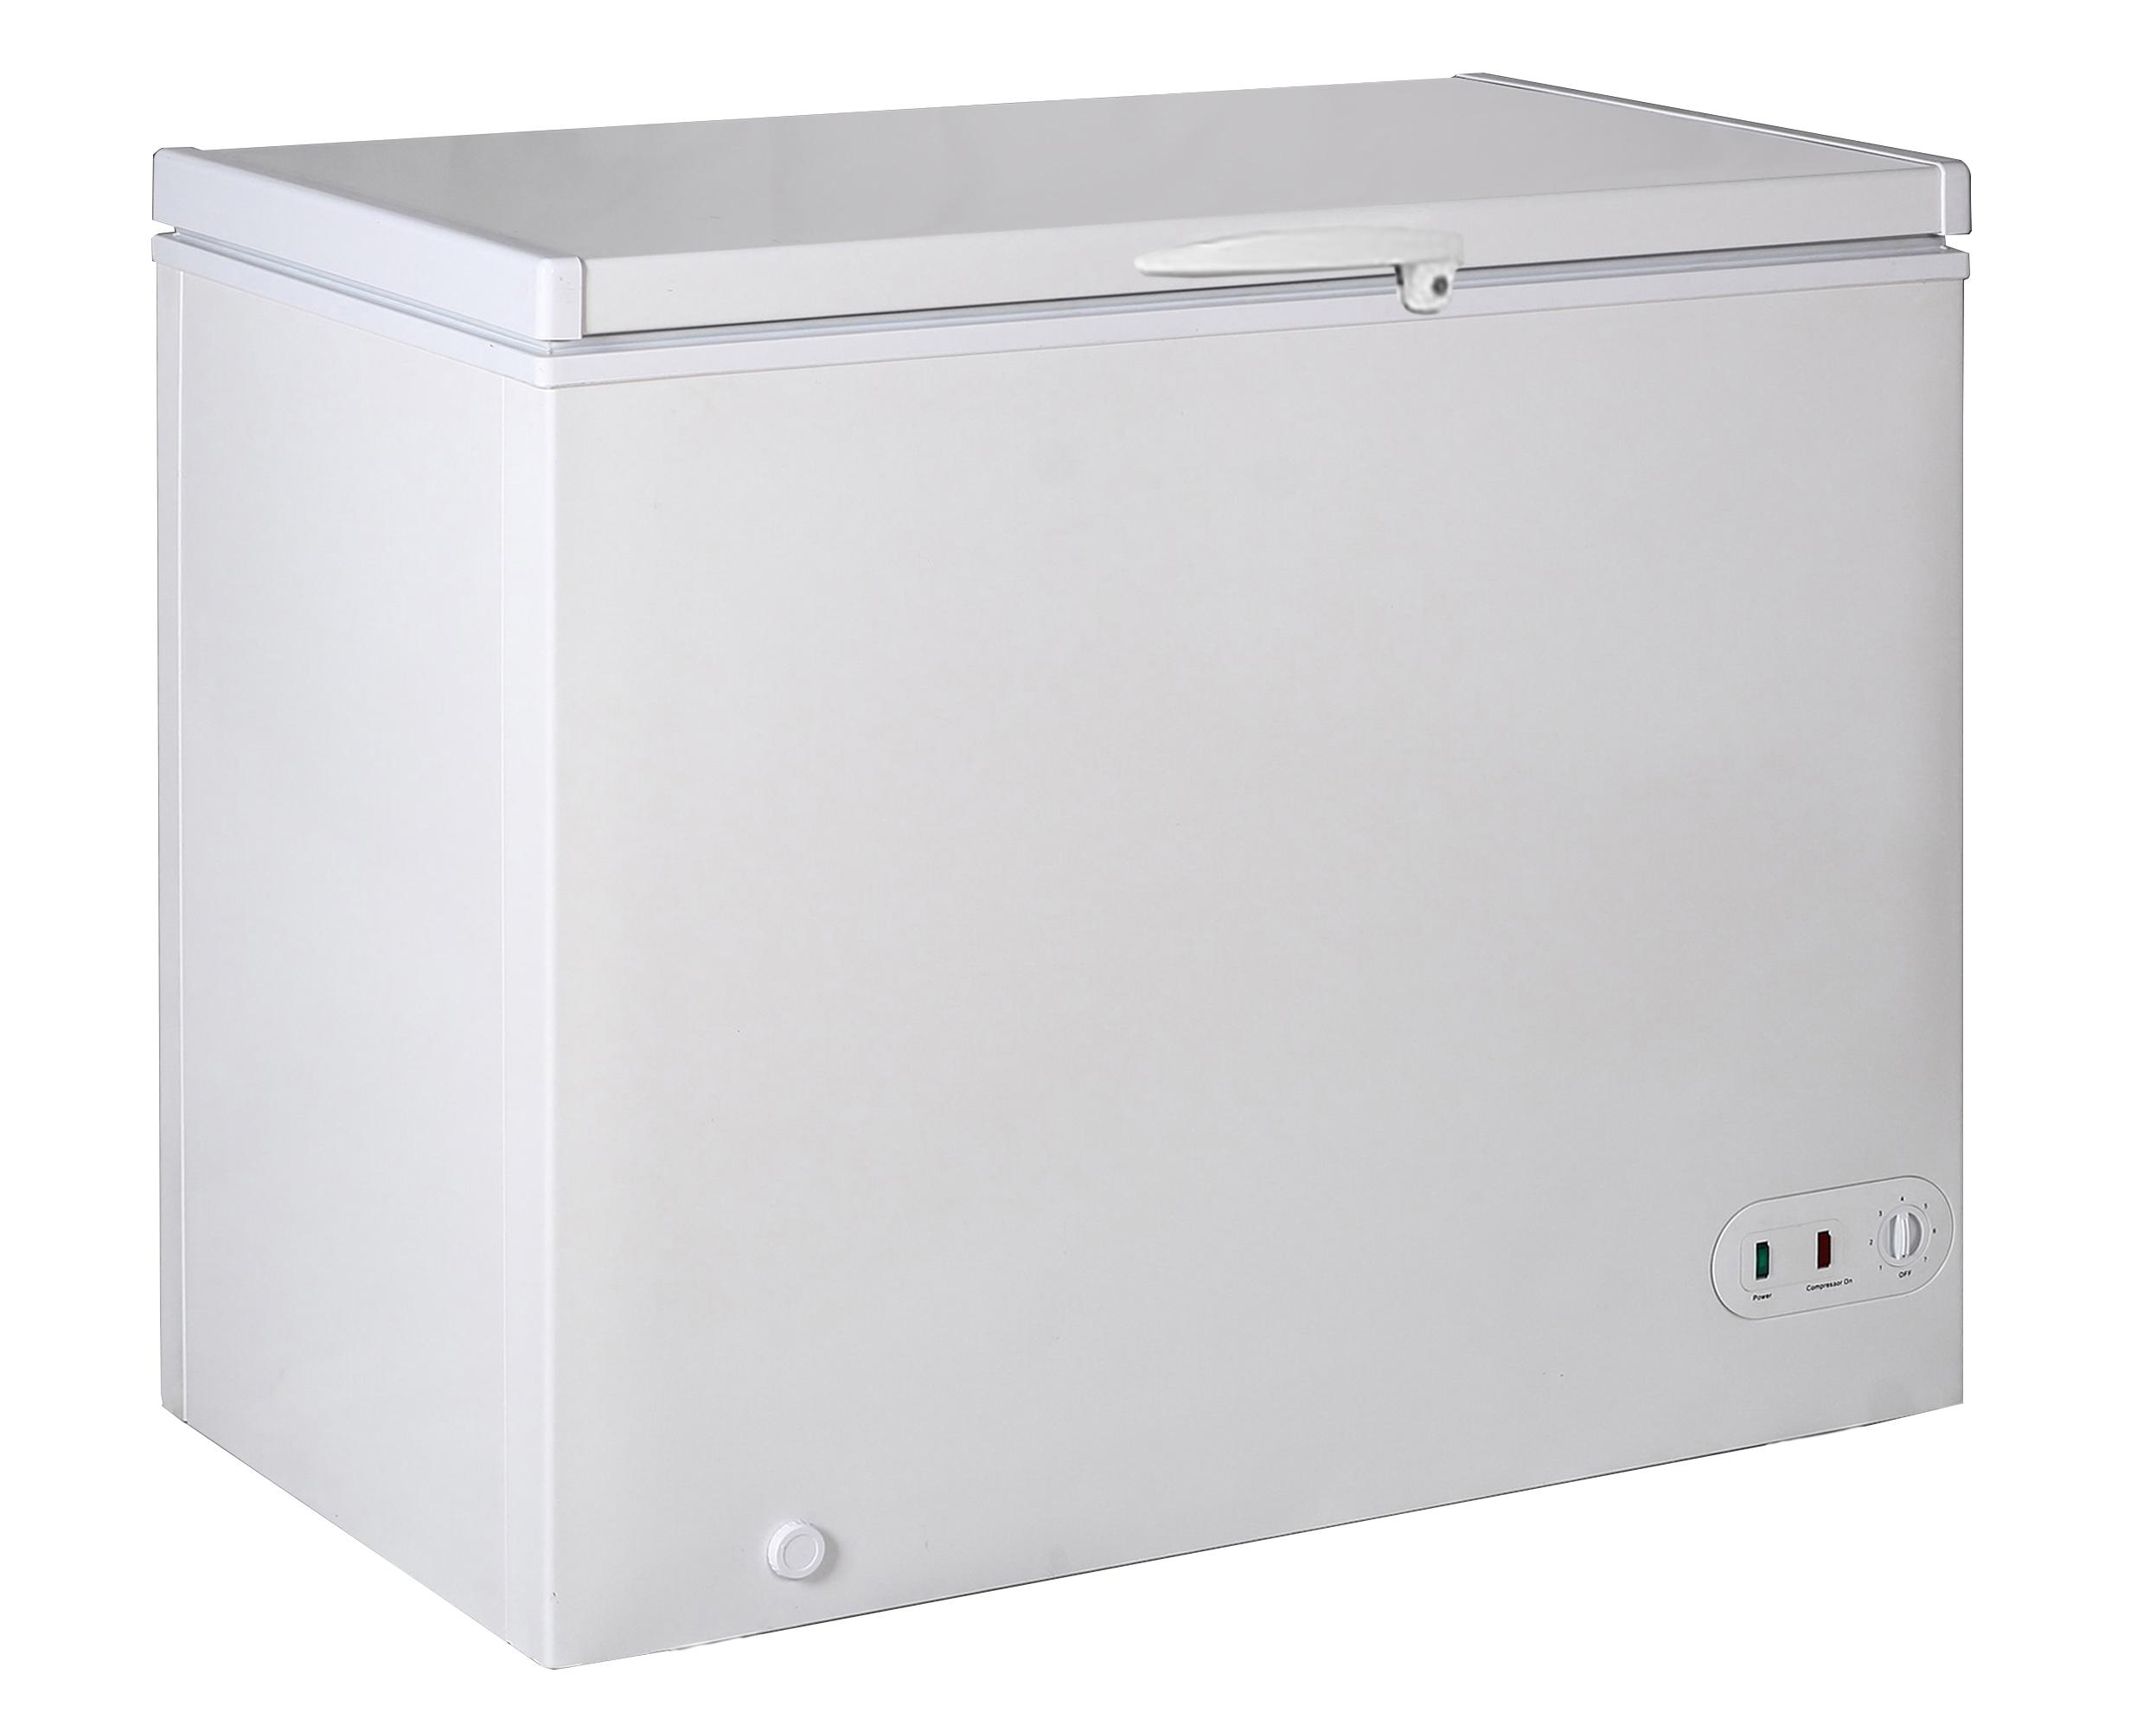 Adcraft (Admiral Craft Equipment) BDCF-9R chest freezer